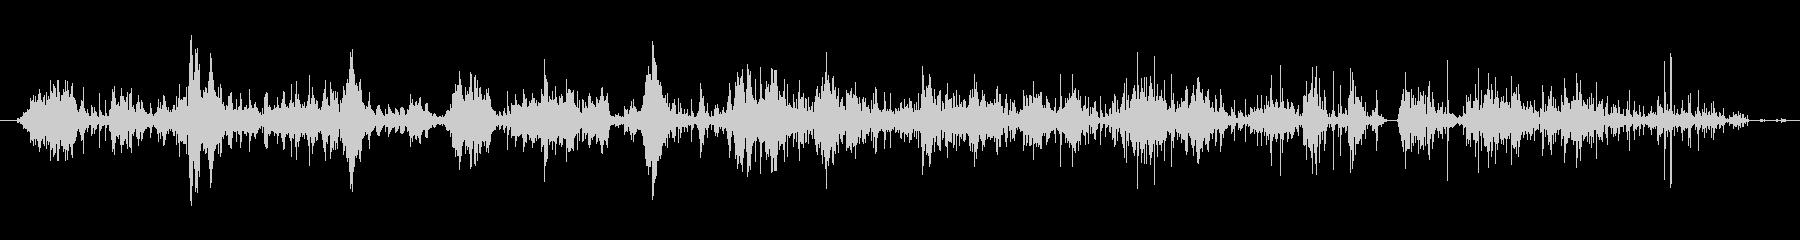 アルミホイルの一部:ロングムーブメ...の未再生の波形